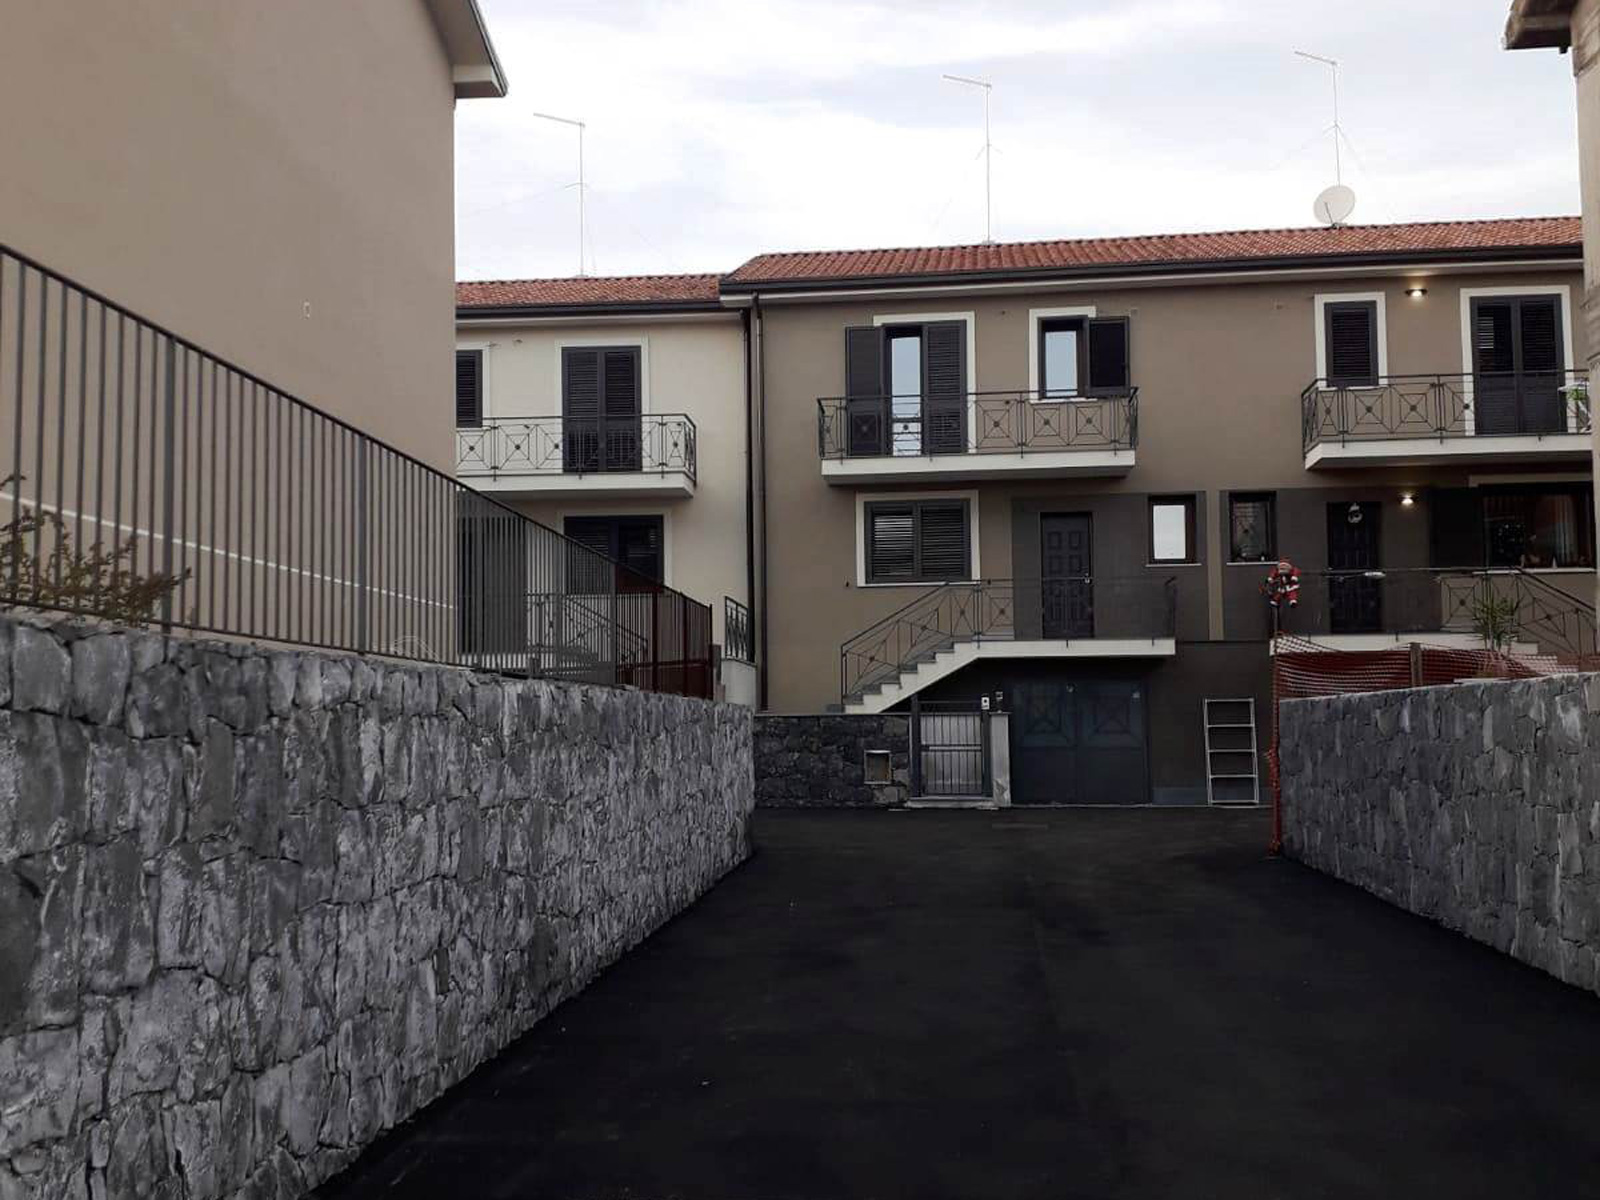 Villette con isolamento termico a cappotto e tetto ventilato